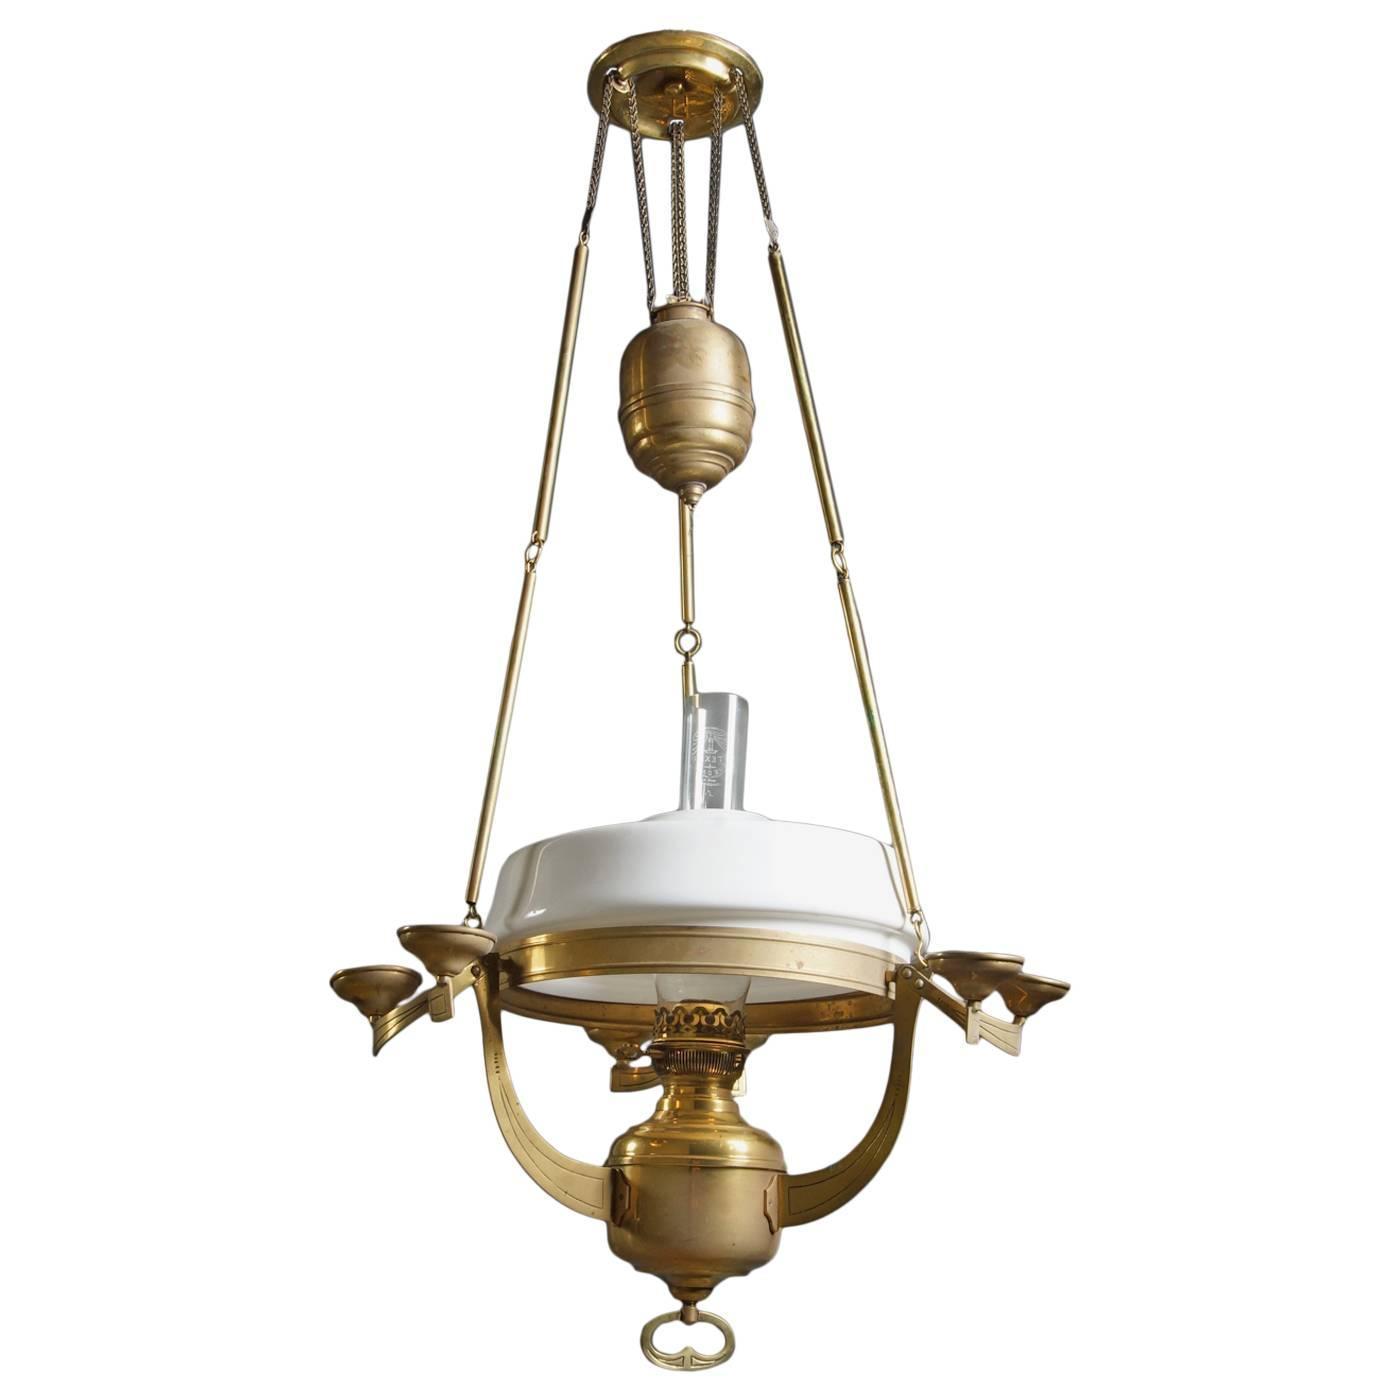 nouveau brass kerosene petronella oil hanging lamp for sale at 1stdibs. Black Bedroom Furniture Sets. Home Design Ideas